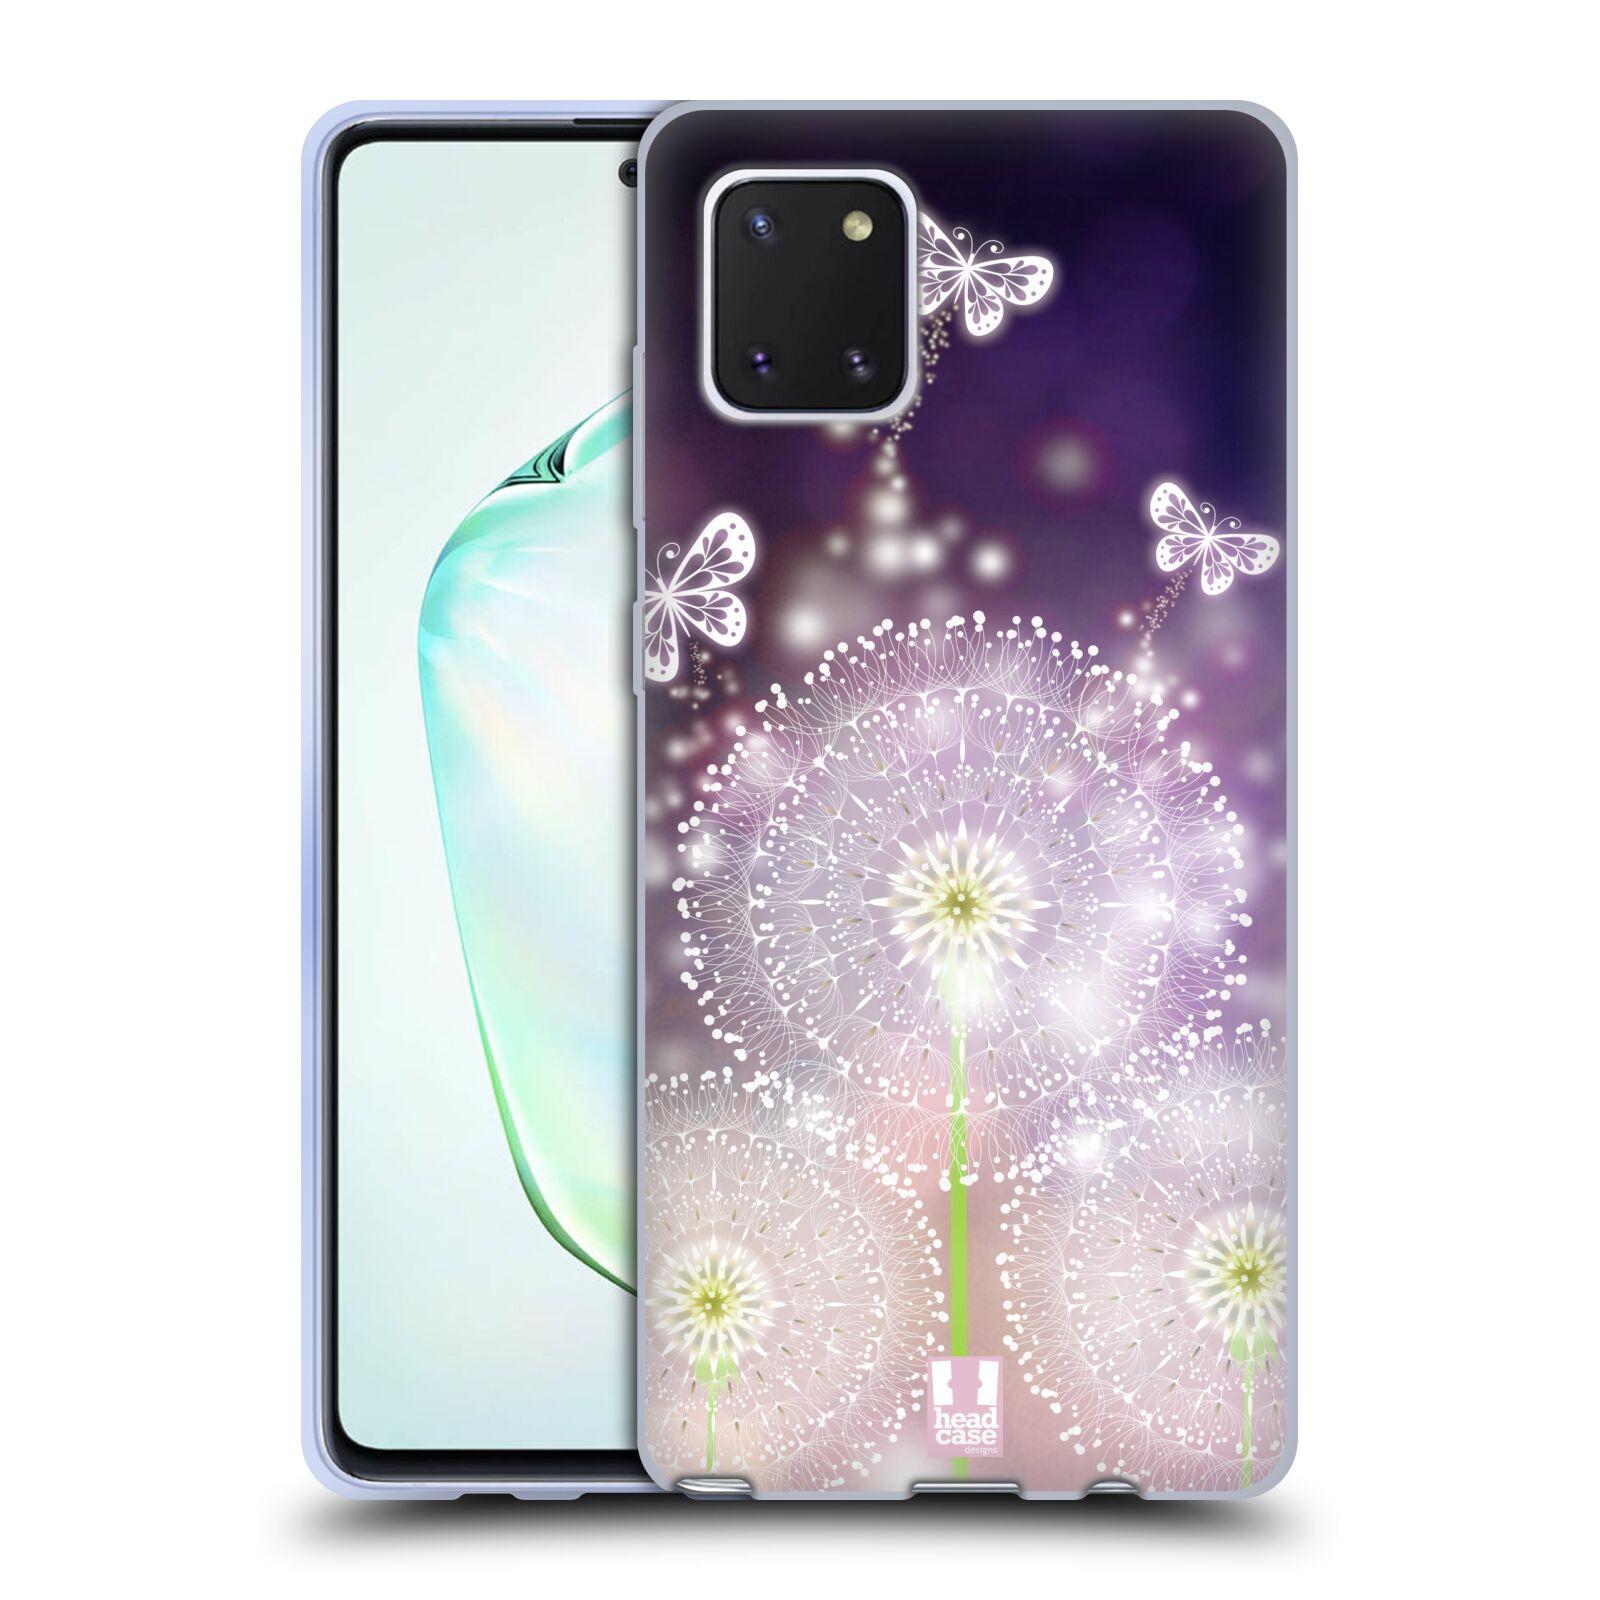 Silikonové pouzdro na mobil Samsung Galaxy Note 10 Lite - Head Case - Pampelišky a Motýlci